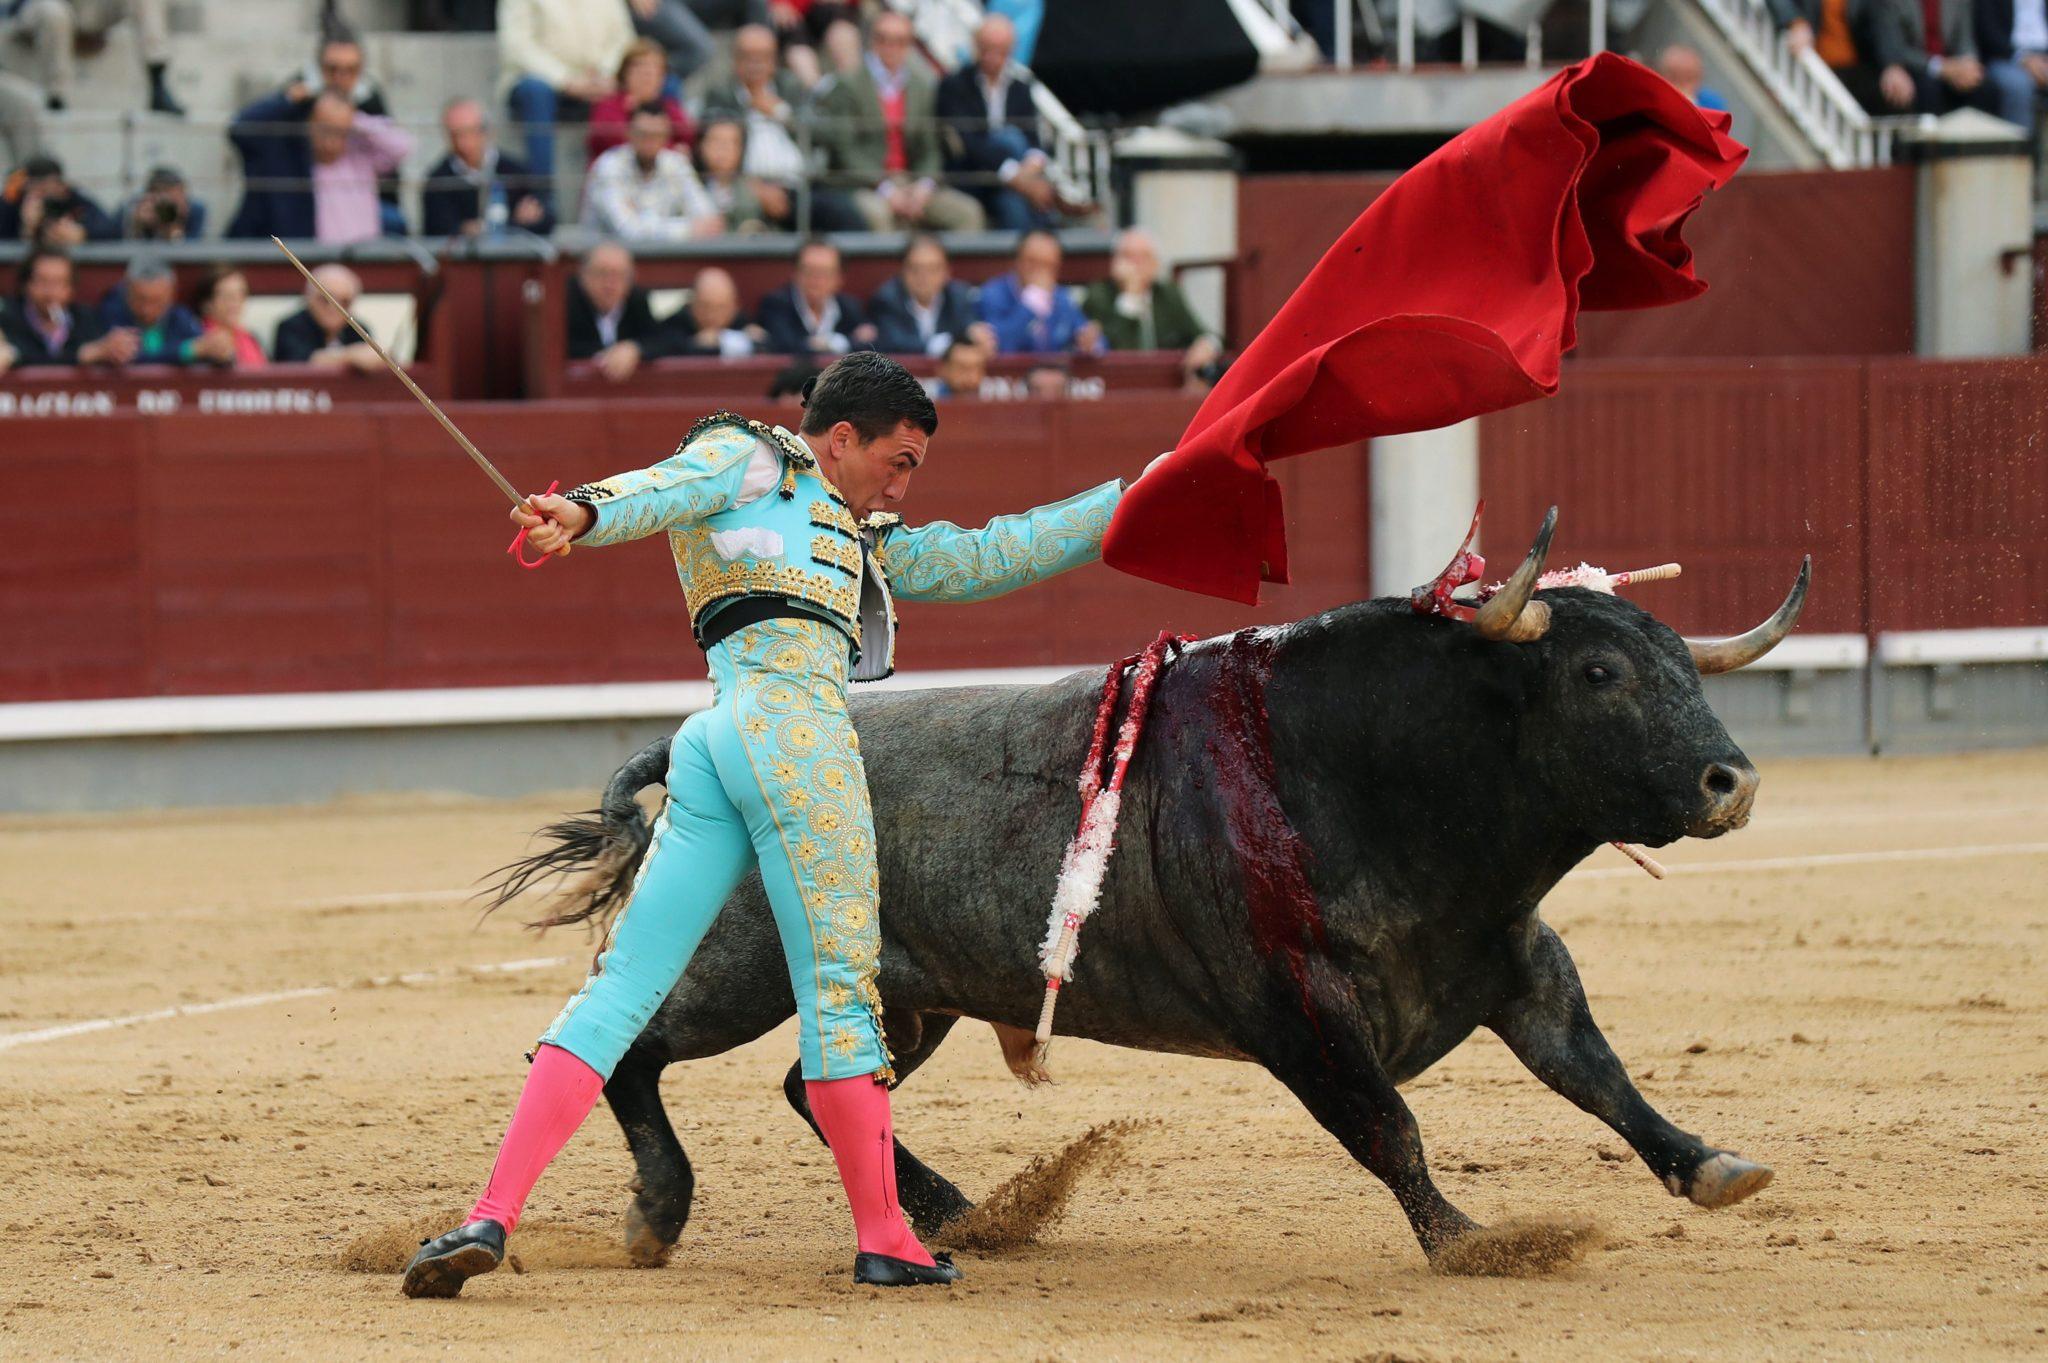 Hiszpania, Madryt: torreador Octavio Chacon walczy z bykiem podczas walk byków w ramach targów Sain Isidro, na arenie walk byków Las Ventas, fot: Kiko Huesca, PAP/EPA